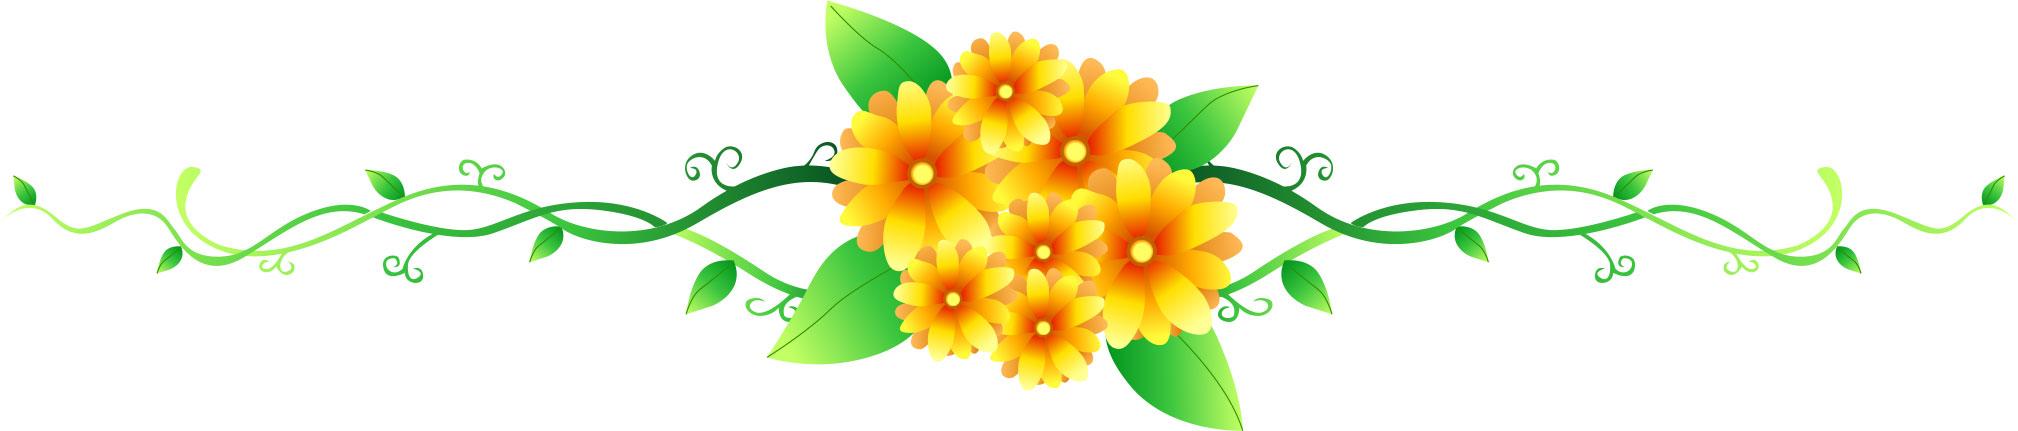 画像サンプル-花のライン・黄色